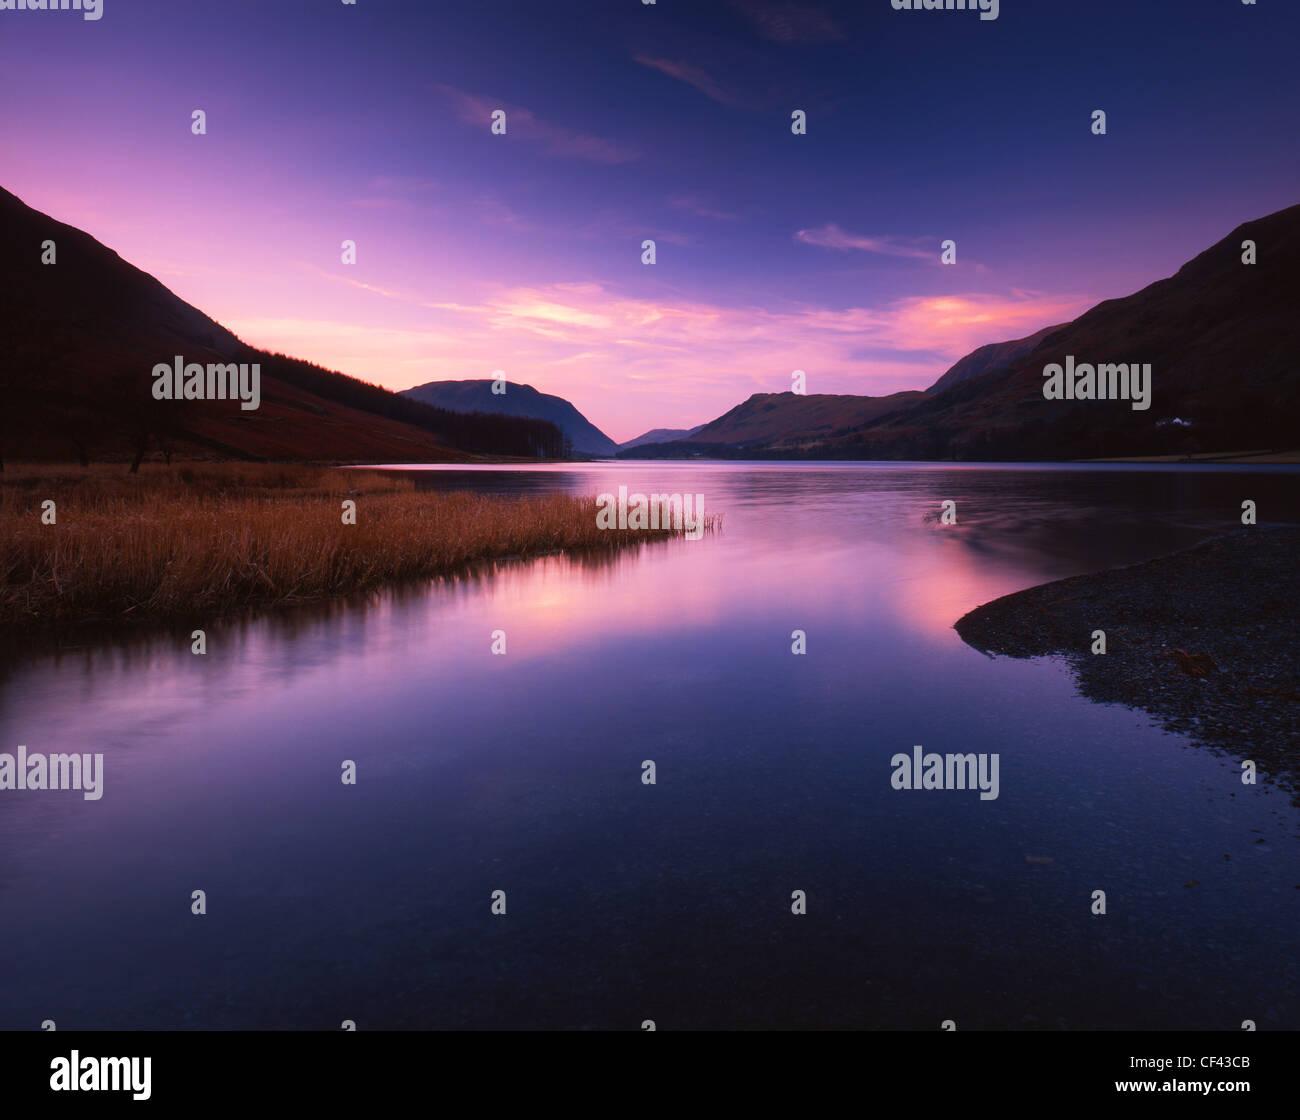 La recherche à travers les eaux calmes de la lande dans le district du lac au coucher du soleil. Photo Stock